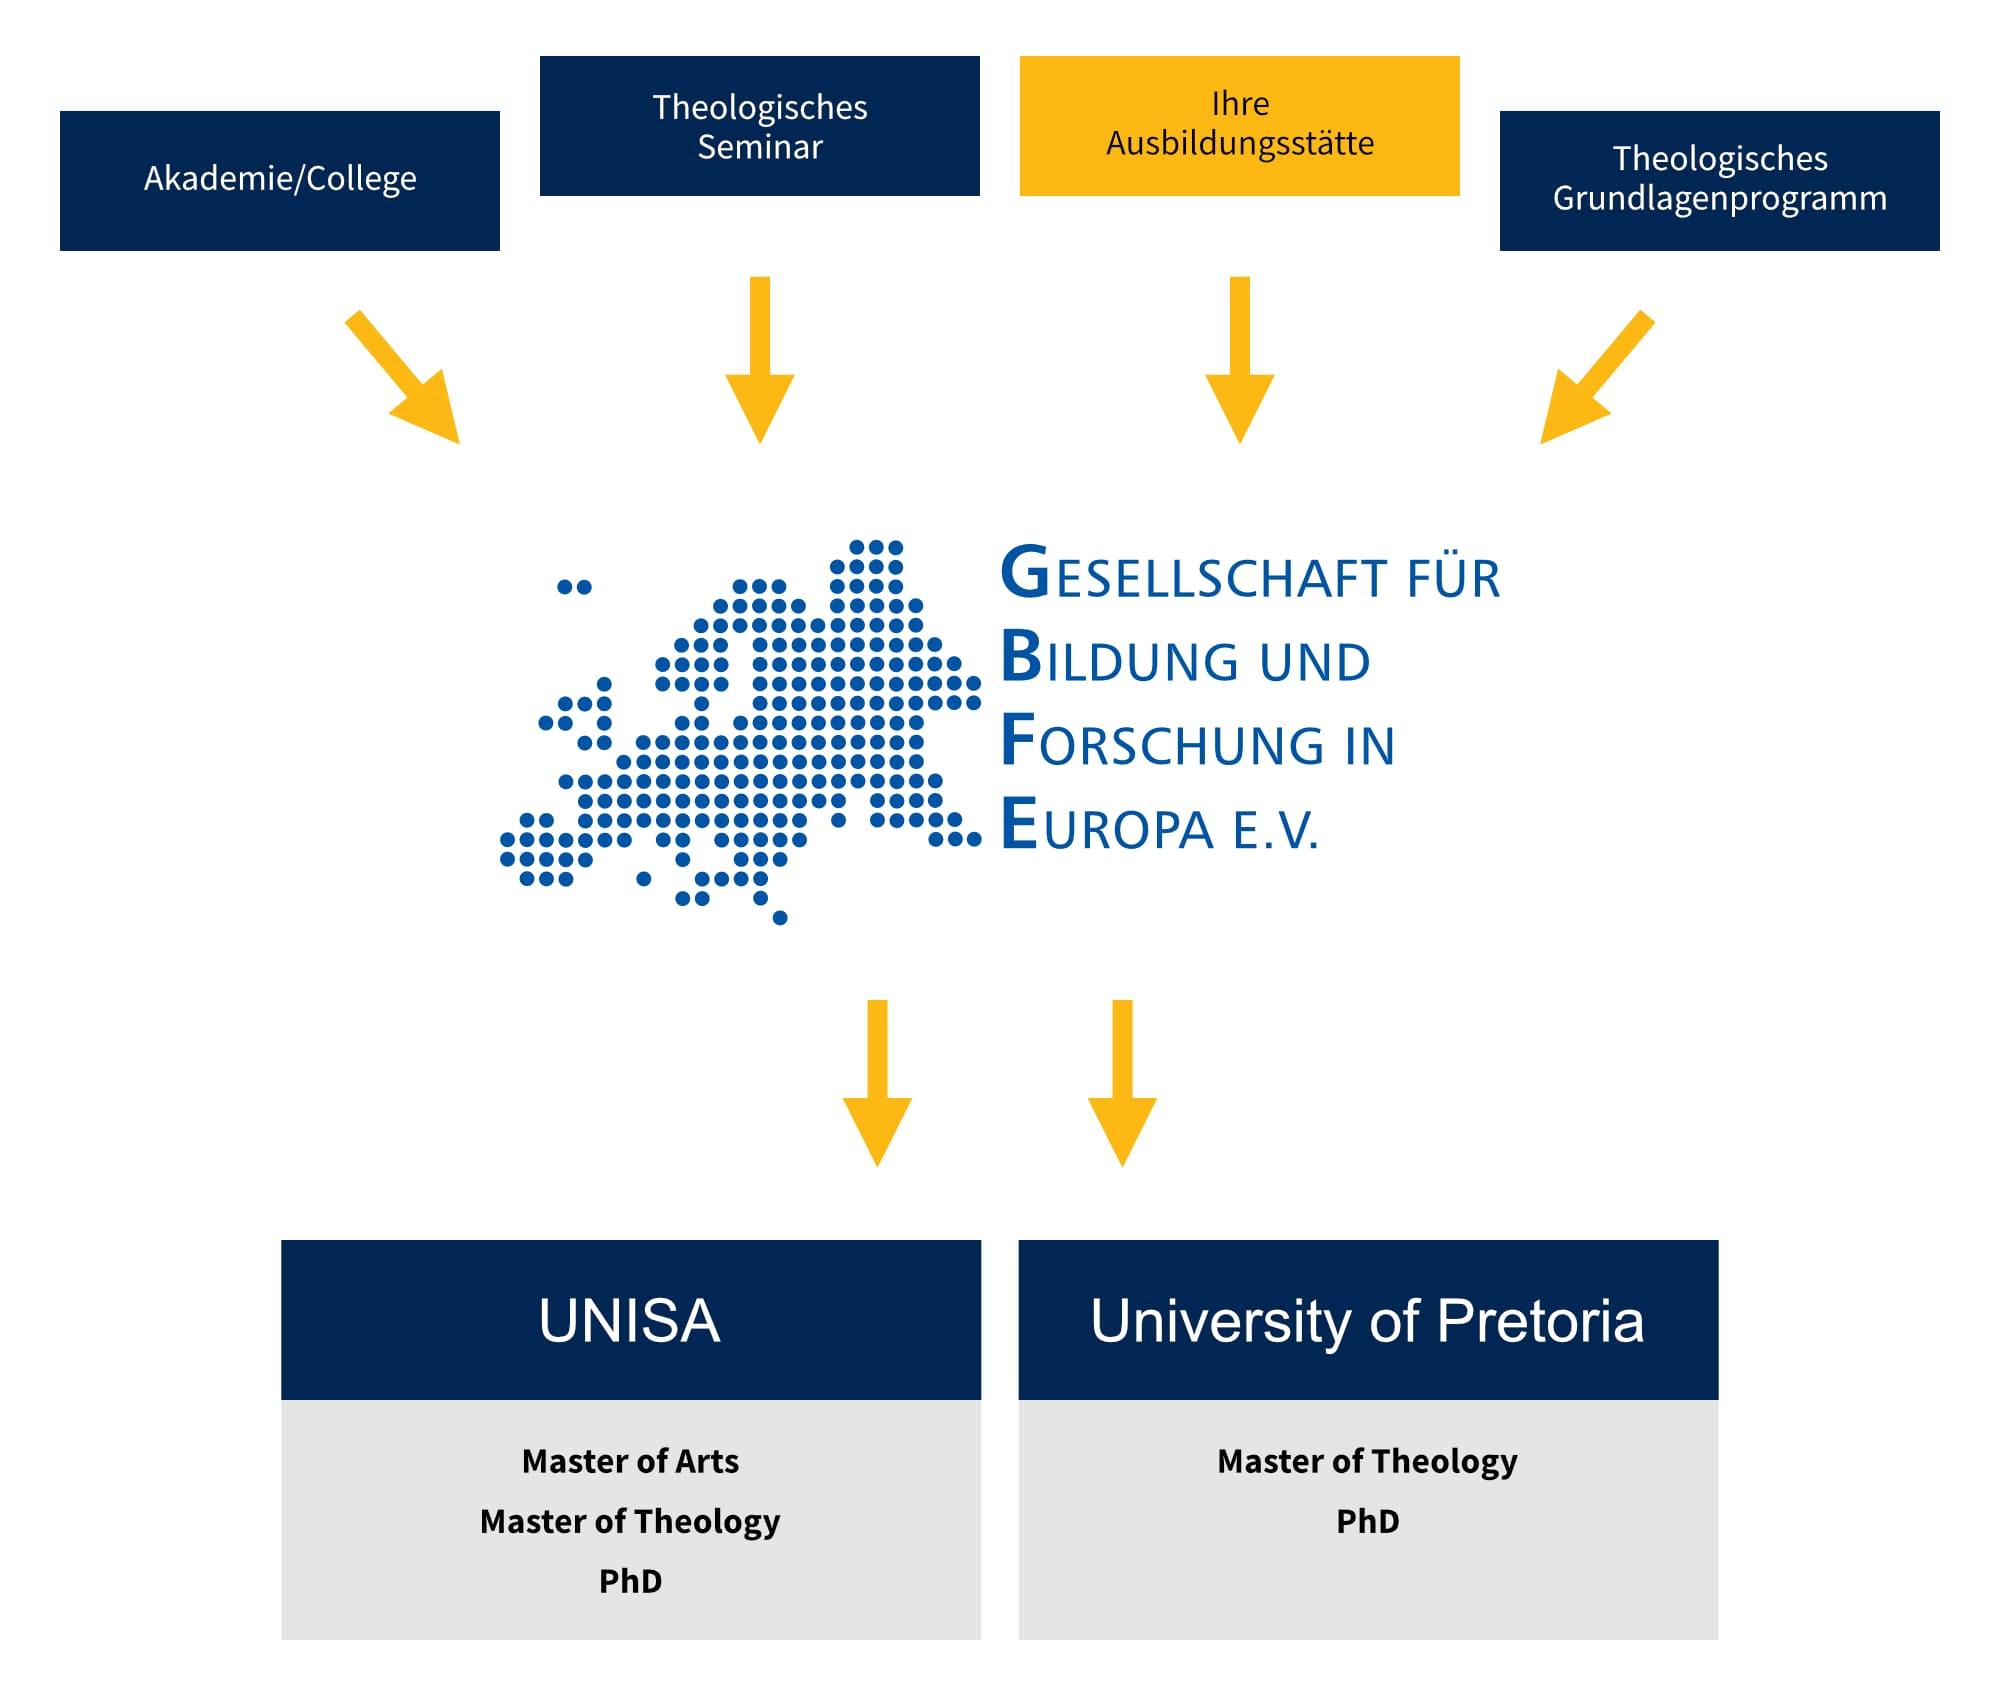 Ausbildungswege UNISA und University of Pretoria